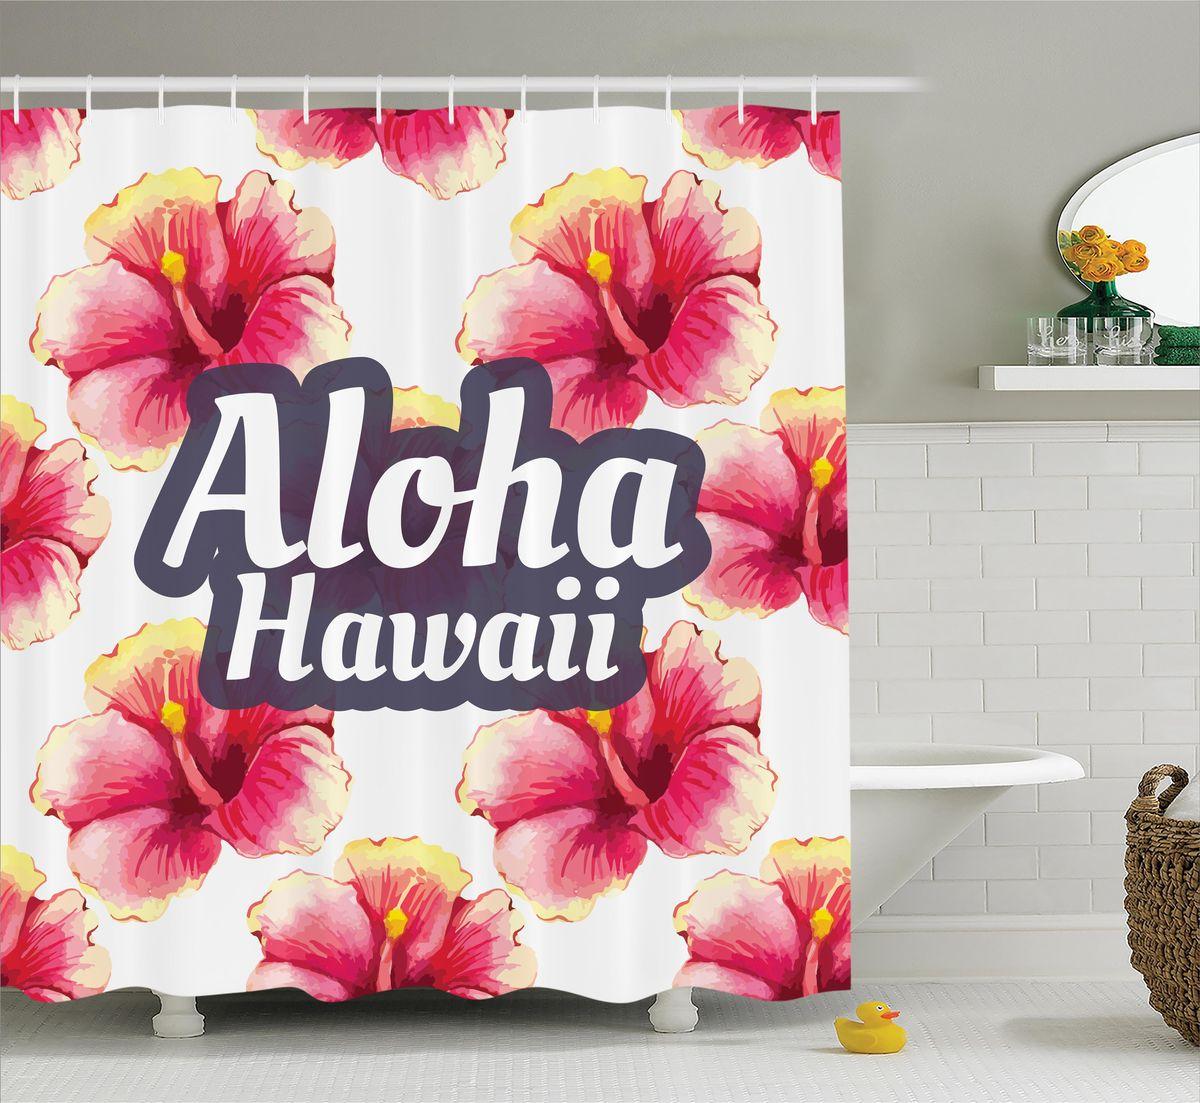 Штора для ванной комнаты Magic Lady Гавайский гибискус, 180 х 200 смшв_12273Штора Magic Lady Гавайский гибискус, изготовленная из высококачественного сатена (полиэстер 100%), отлично дополнит любой интерьер ванной комнаты. При изготовлении используются специальные гипоаллергенные чернила для прямой печати по ткани, безопасные для человека. В комплекте: 1 штора, 12 крючков. Обращаем ваше внимание, фактический цвет изделия может незначительно отличаться от представленного на фото.